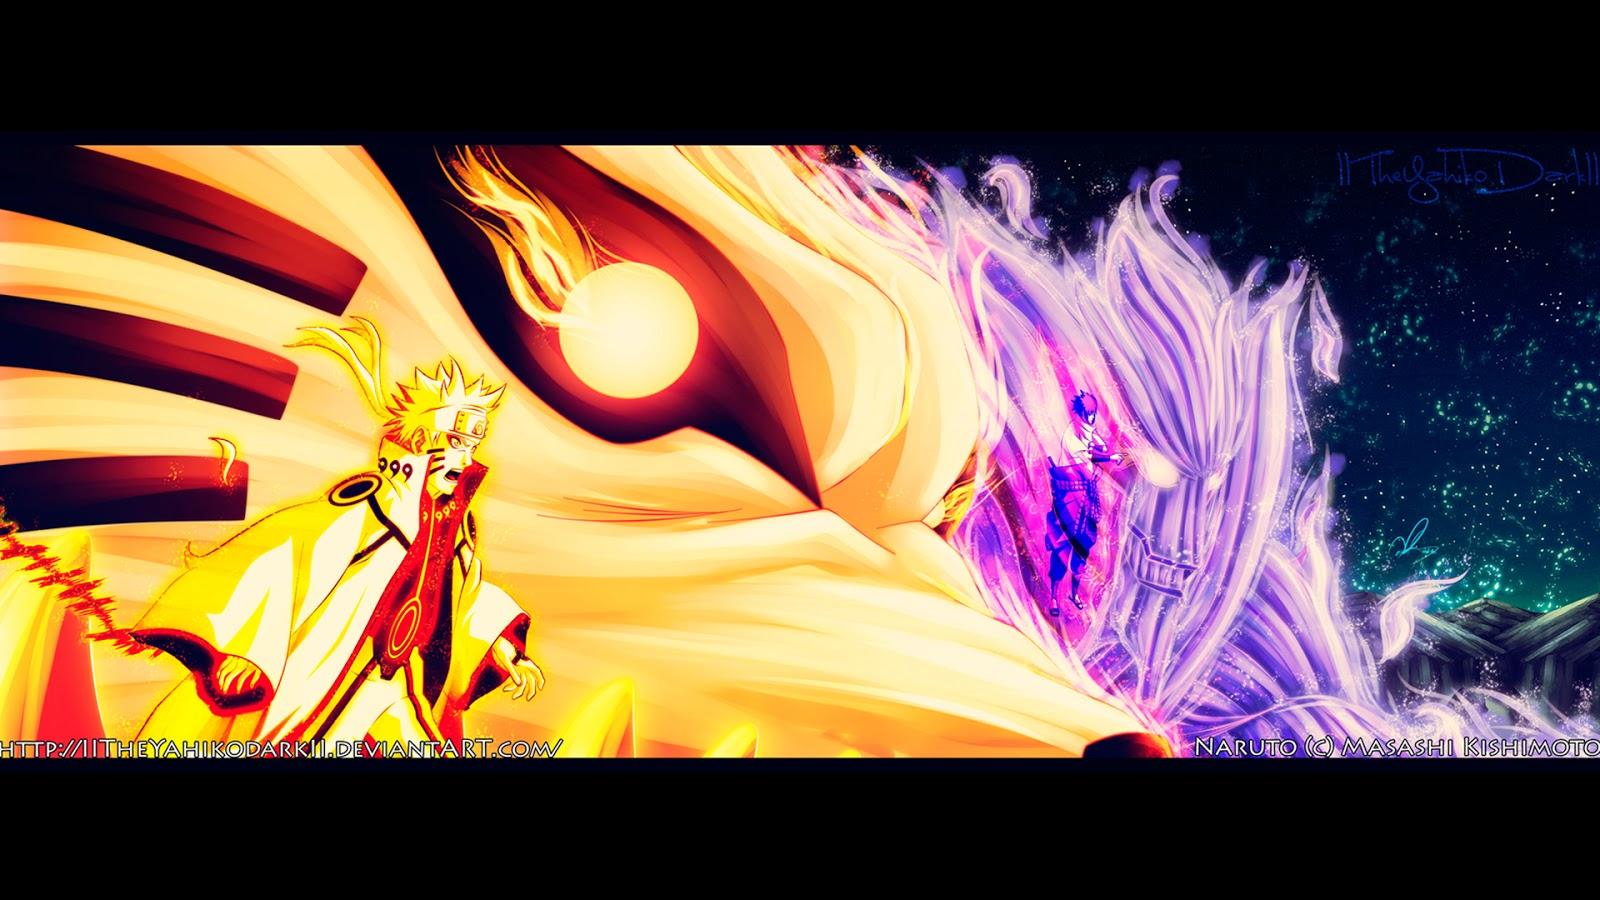 naruto-kyubi-sage-mode-sasuke-susanoo-mode-by iitheyahikodarkii    Sage Mode And Kyuubi Mode